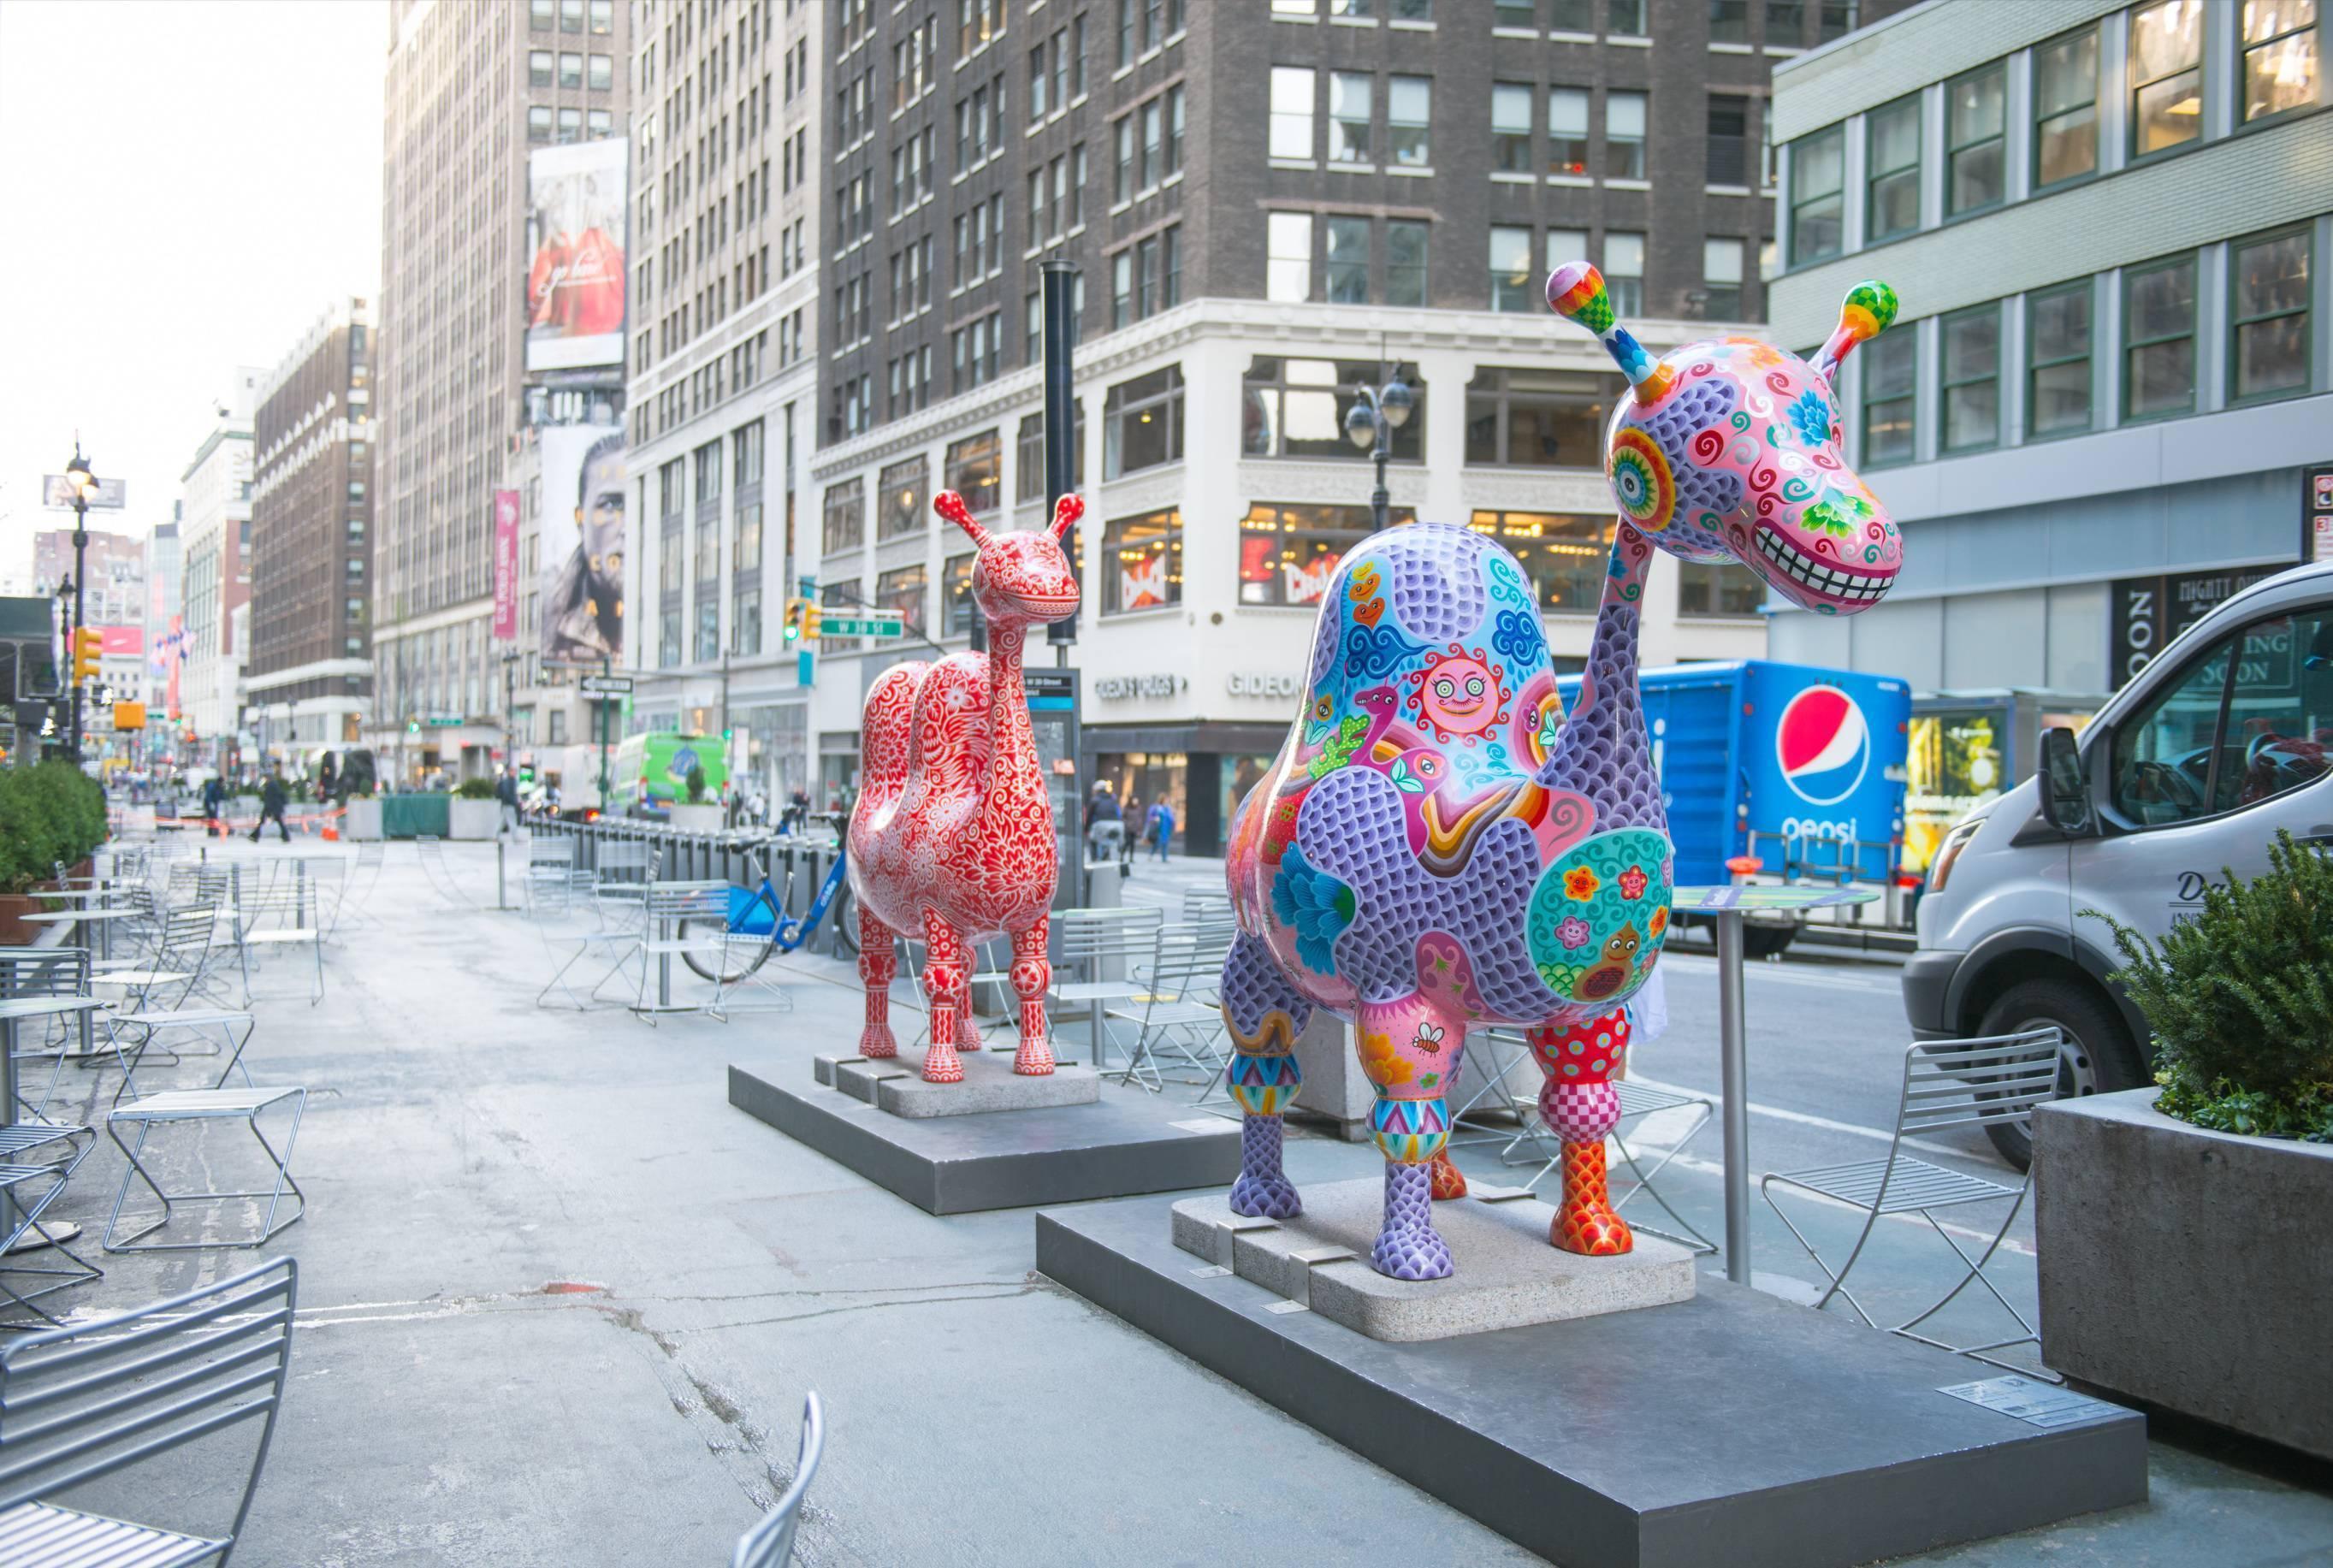 紐約地景環境裝置 洪易 單峰駱駝 鋼板彩繪 260x96x230cm / 雙峰駱駝 218x78x230cm